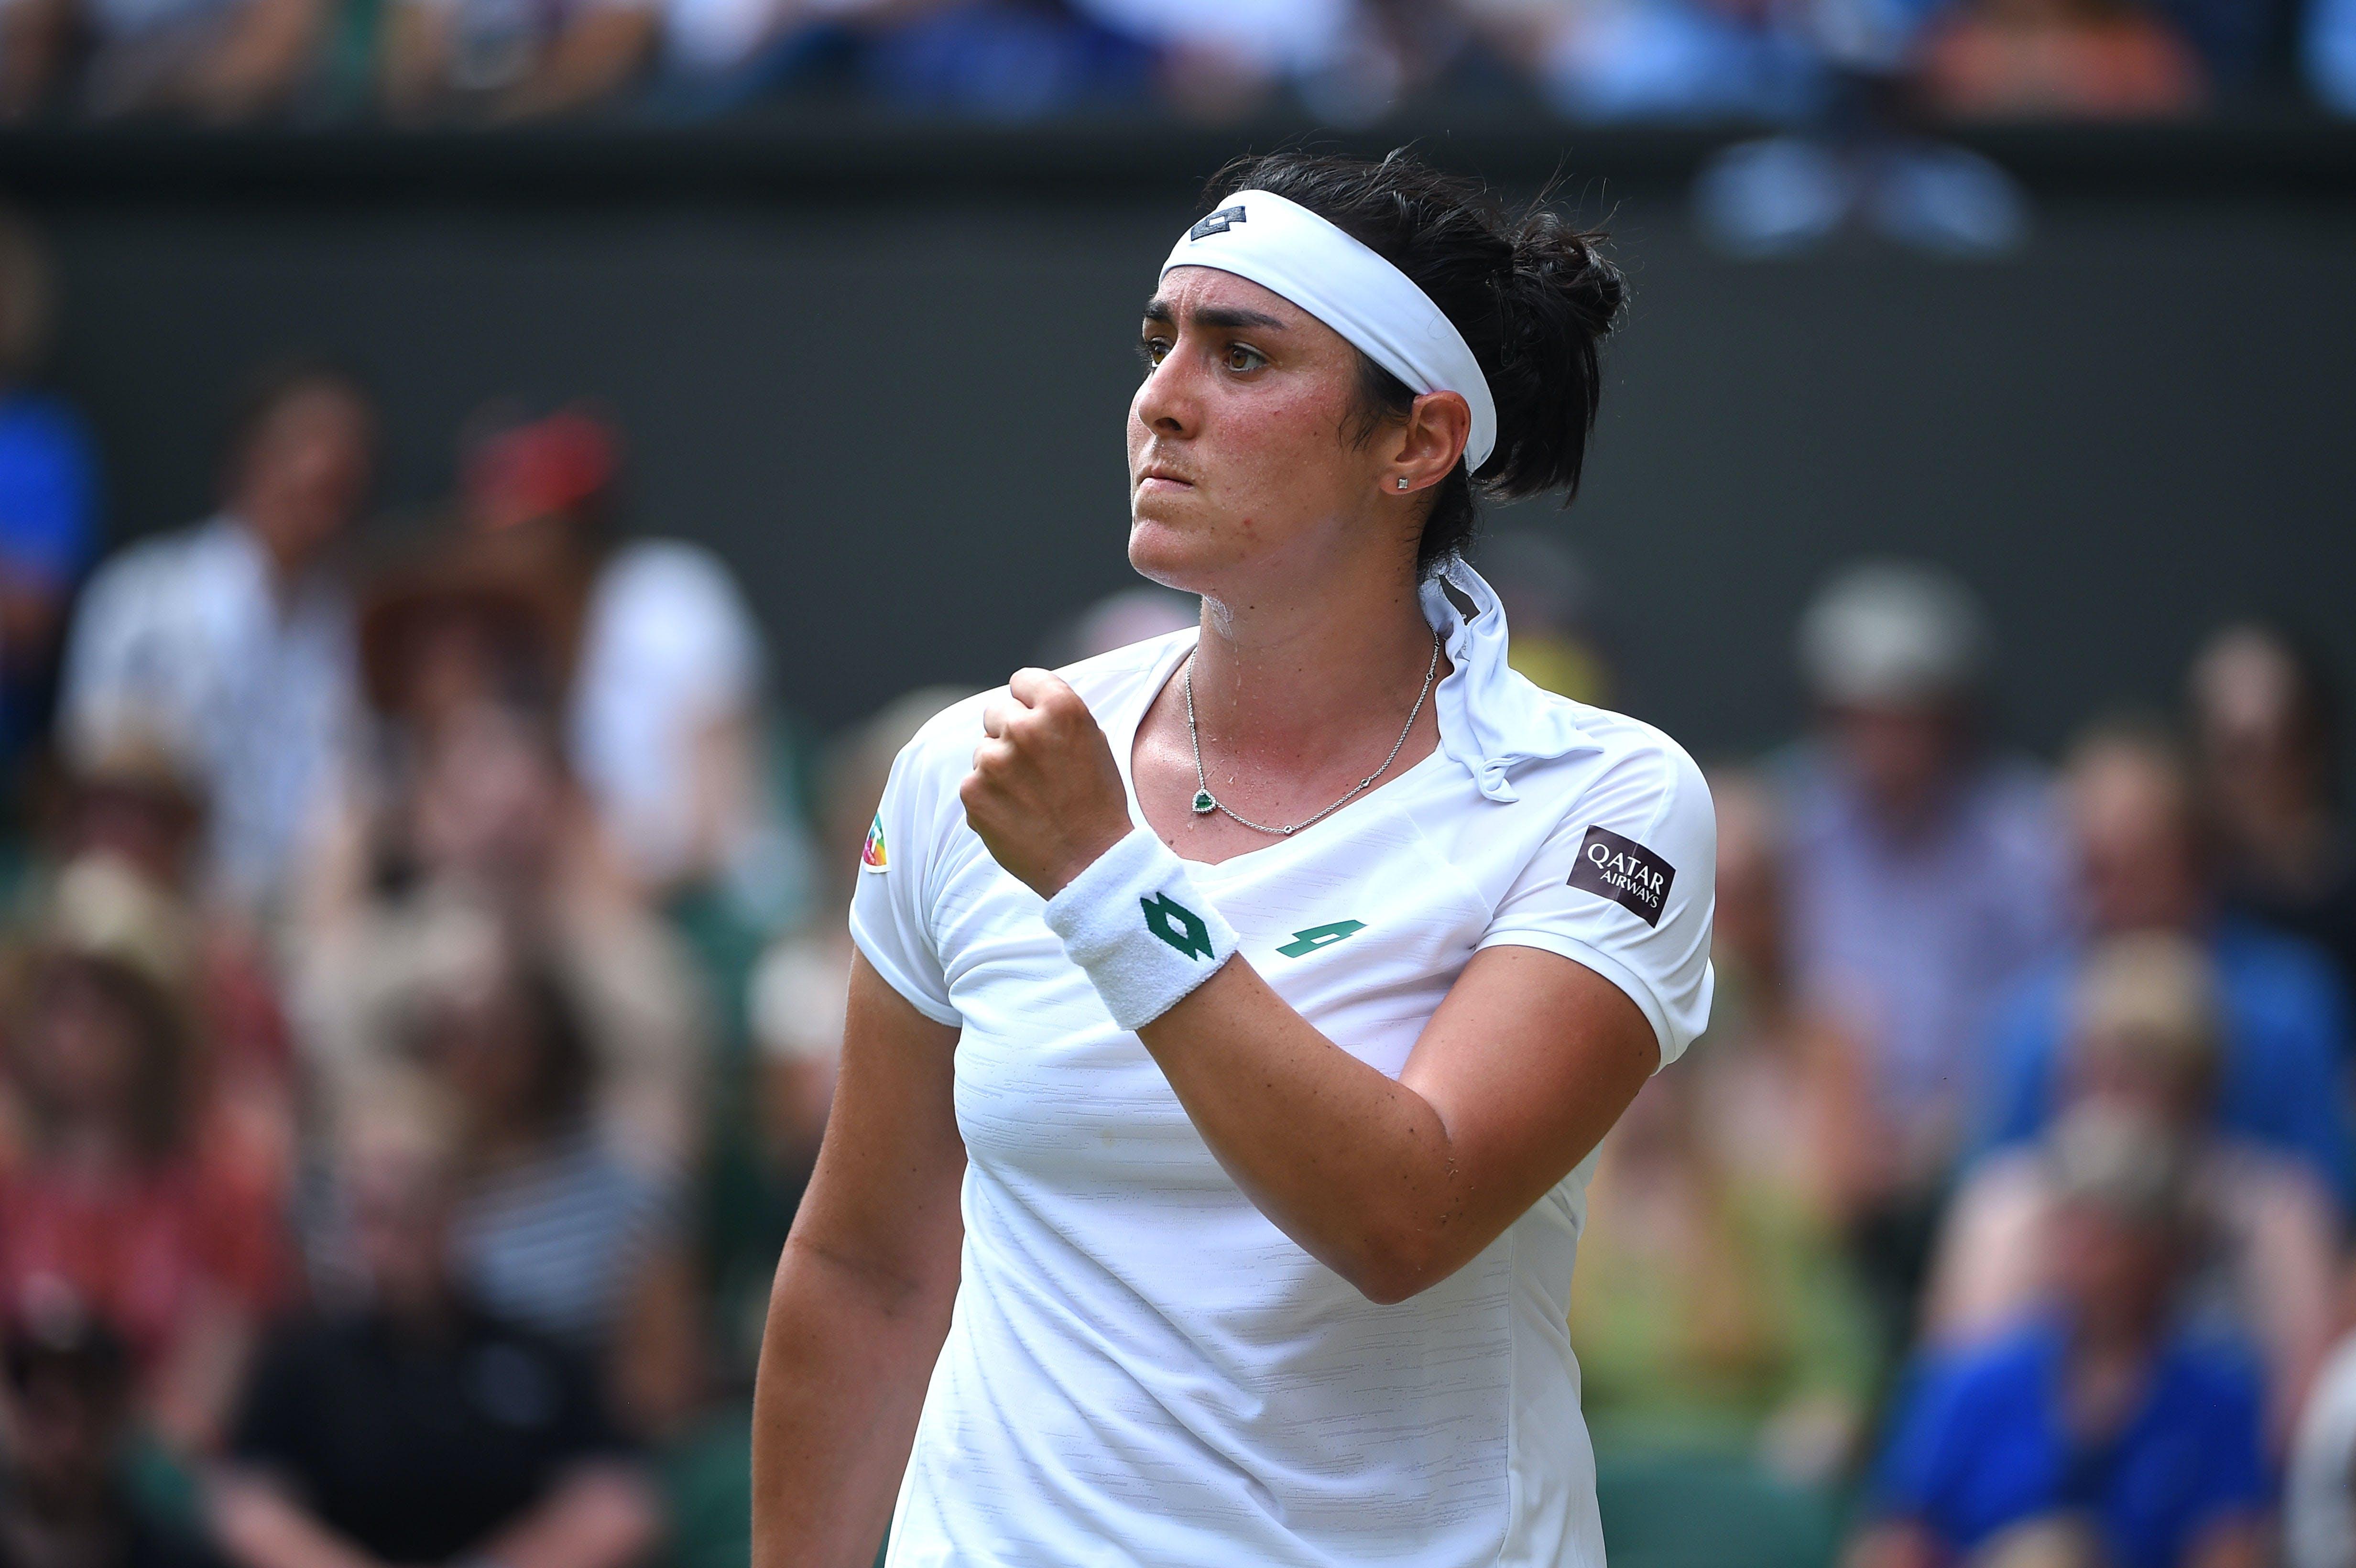 Ons Jabeur Wimbledon 2021